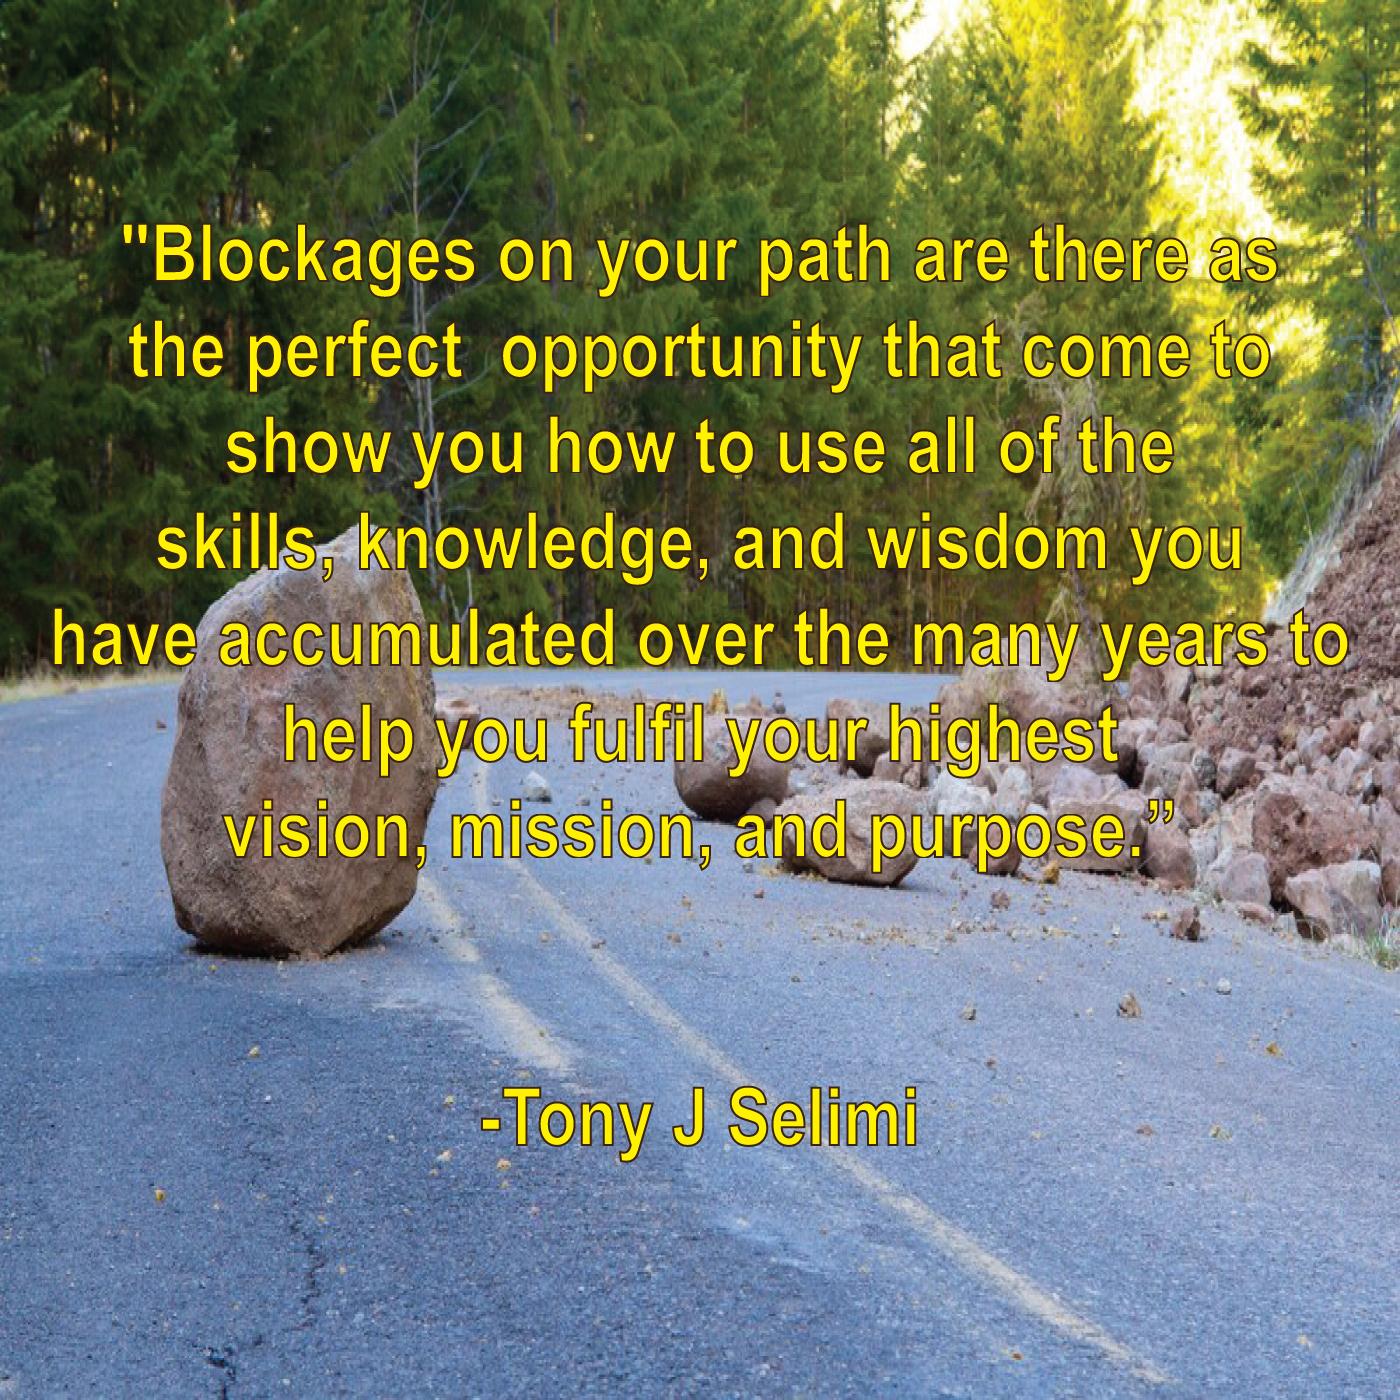 Blockages-by-Tony-J-Selimi